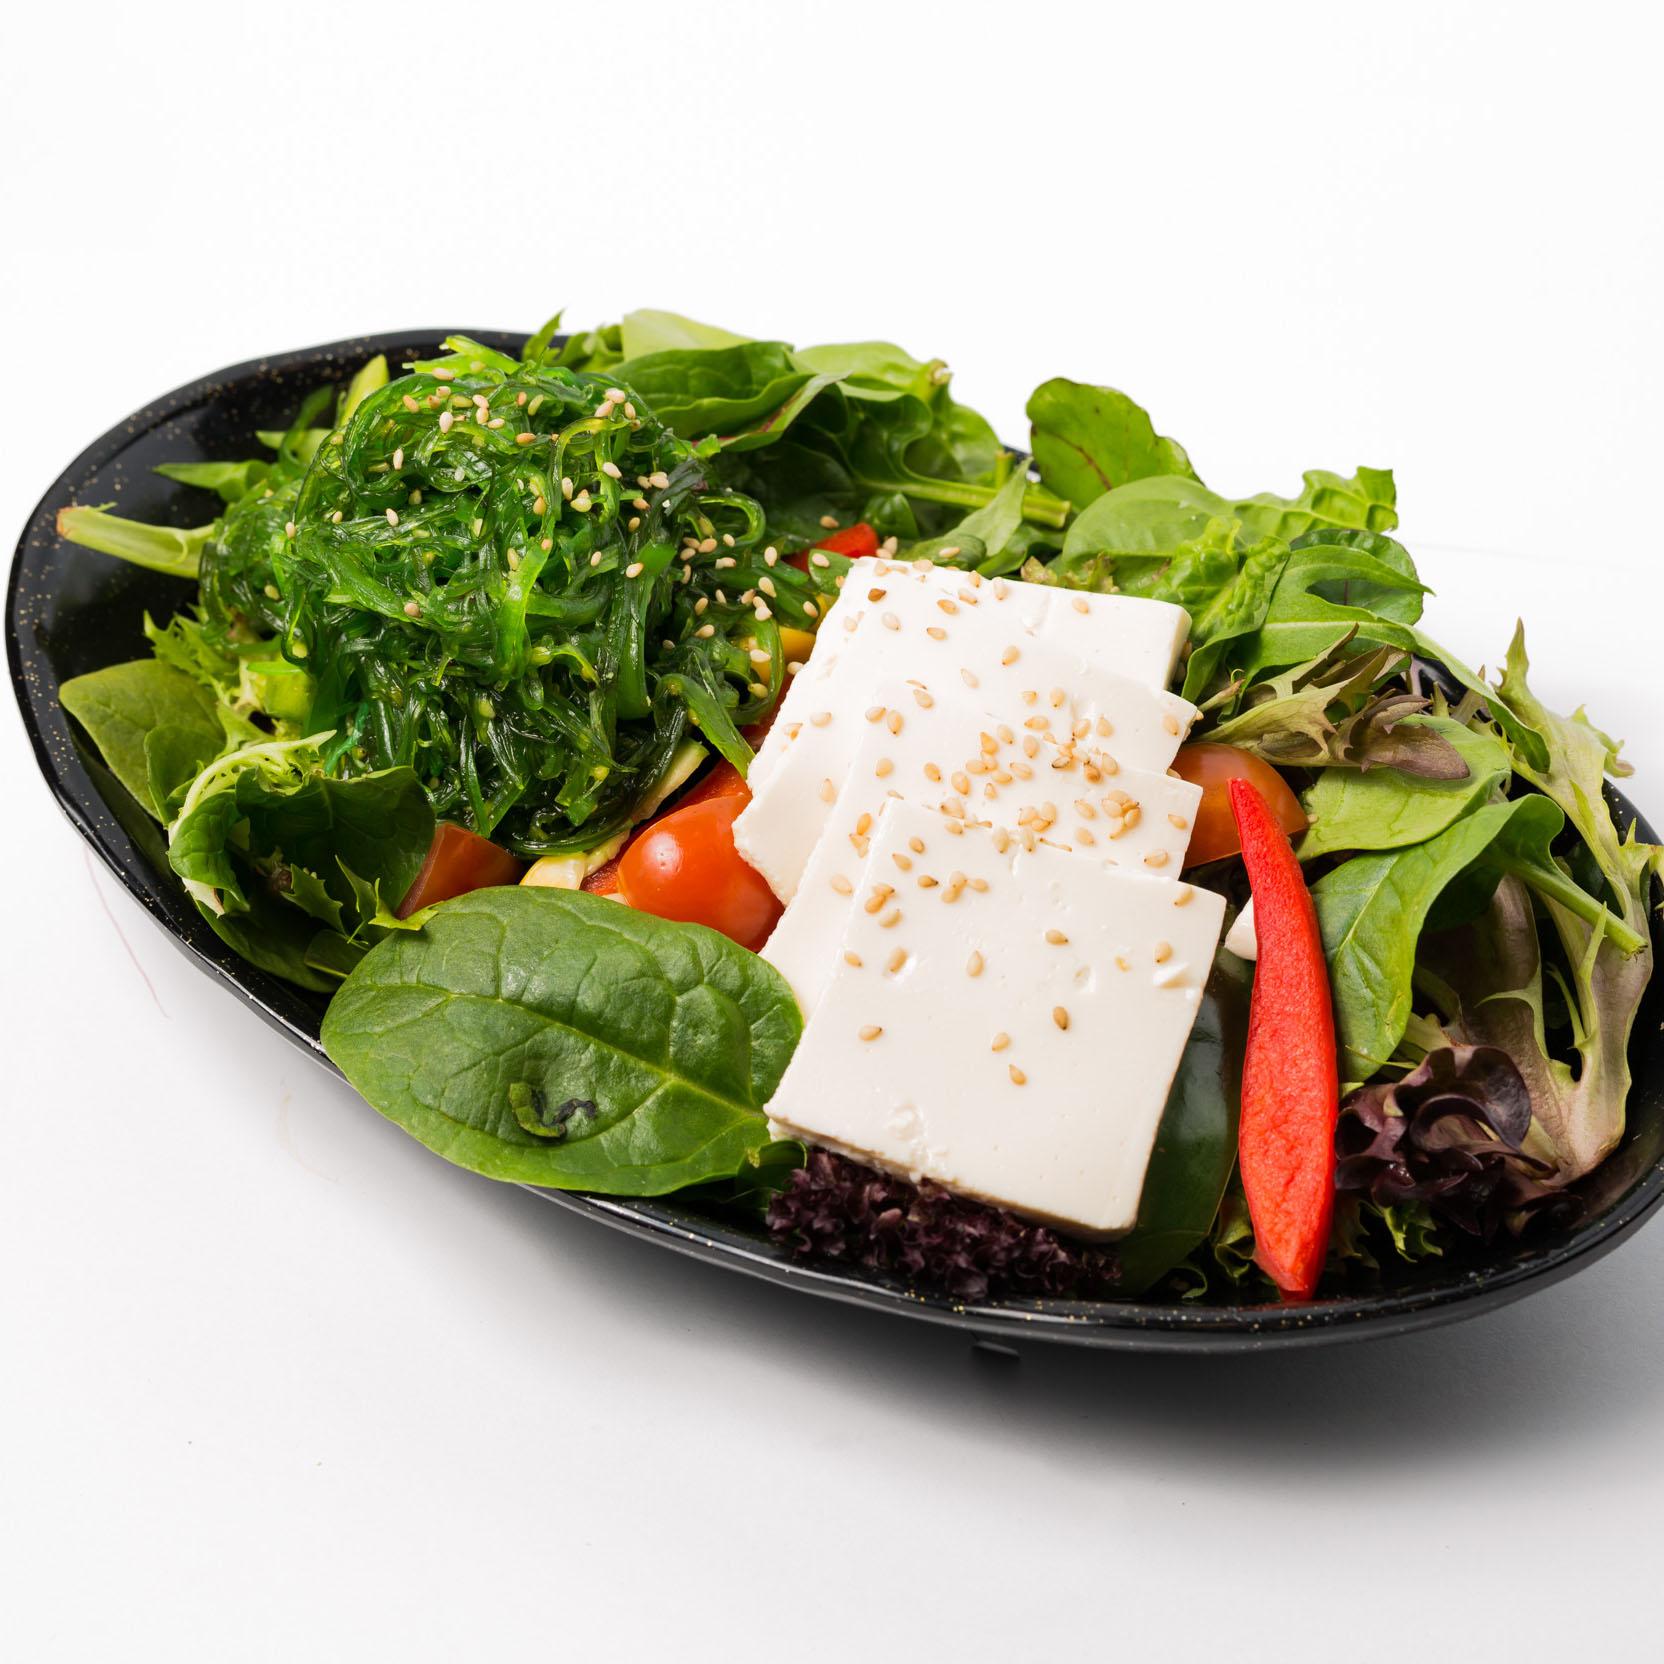 Tofu & Seaweed Salad (Vege)